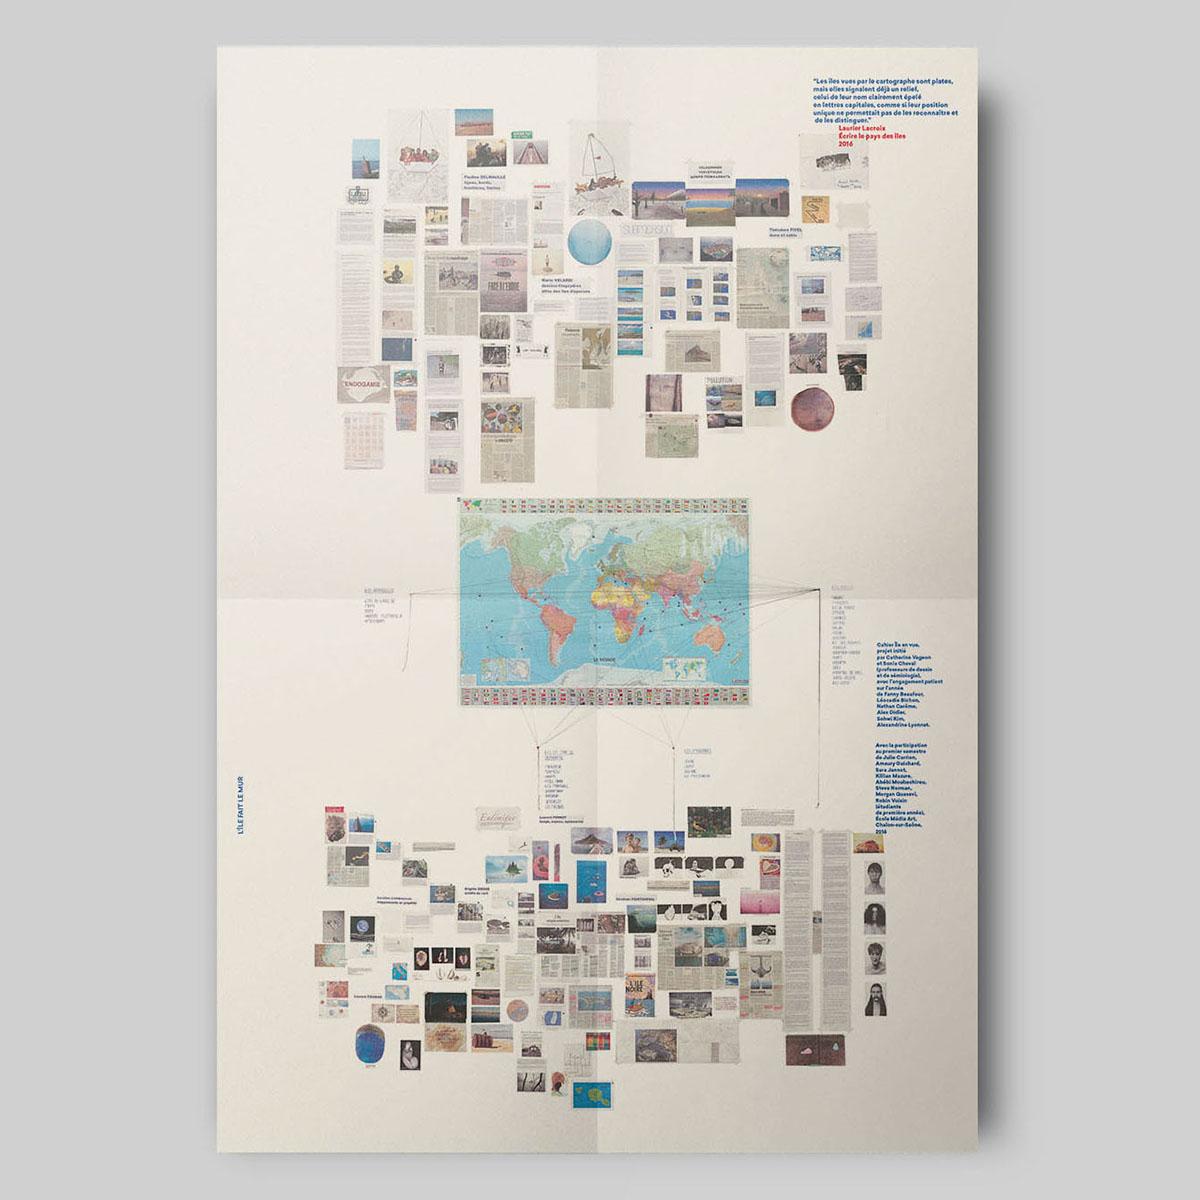 L'île fait le mur, feuillet en insert, format 59,4 x 84 cm.